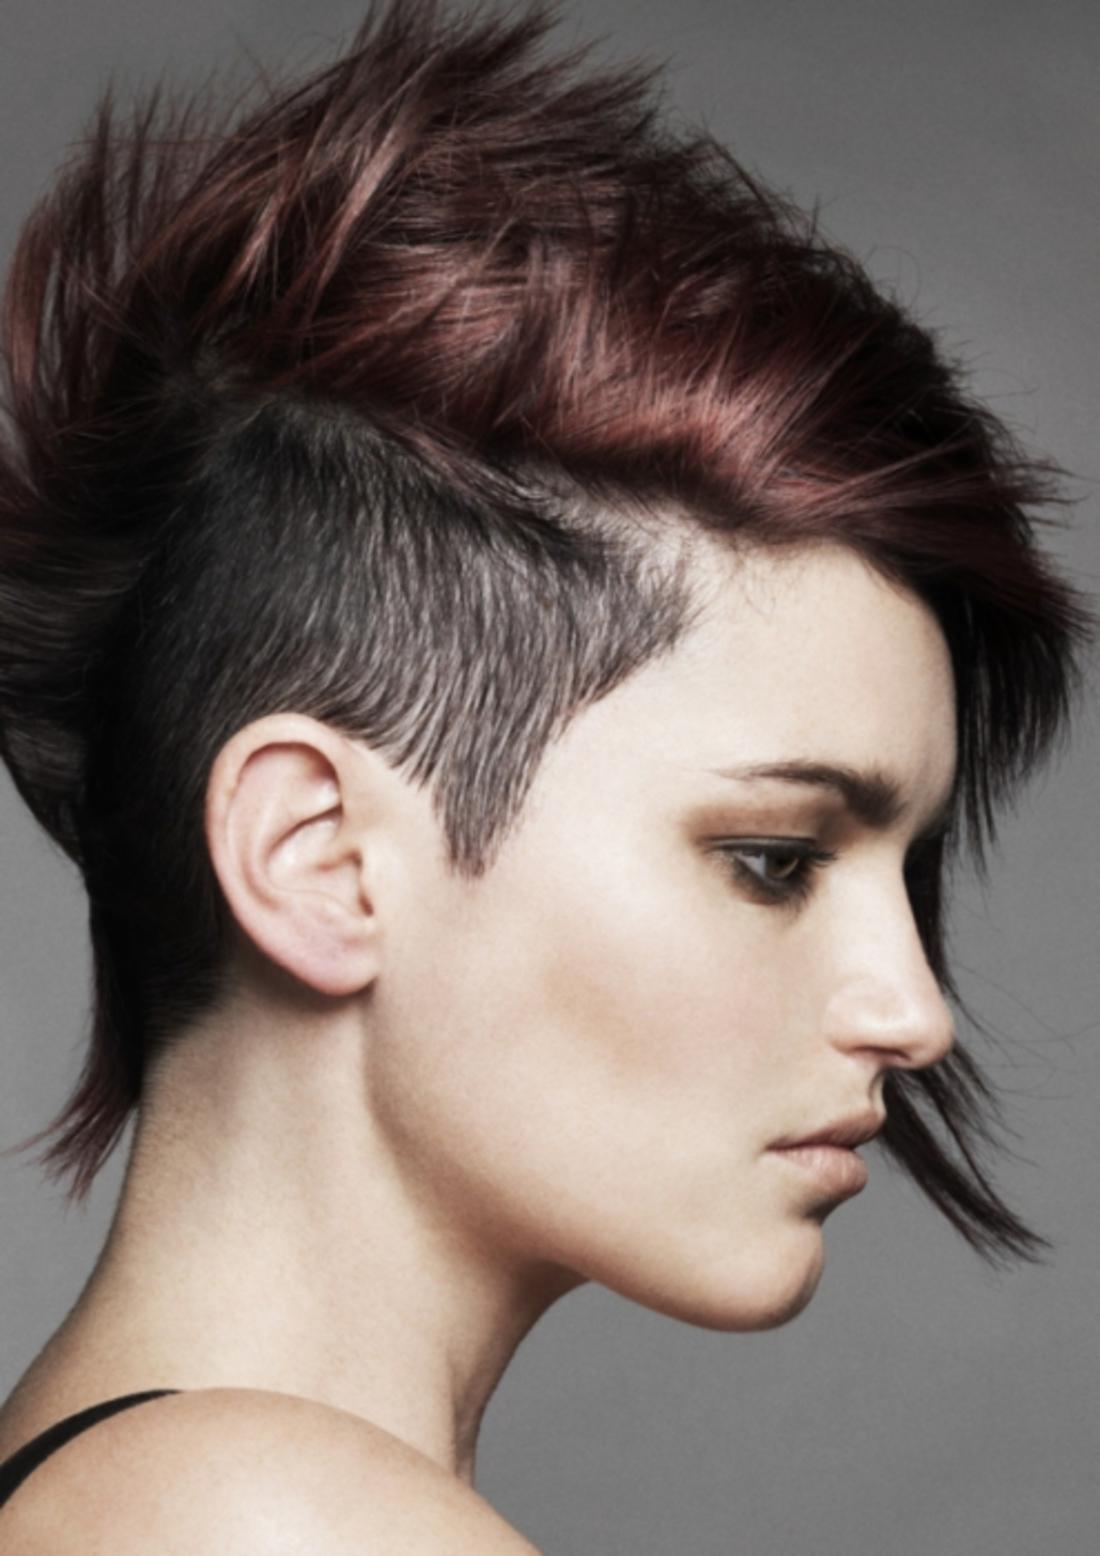 schwarzes Haar Damen Undercut mit rotem Akzent dunkle Schminke schwarze Bluse